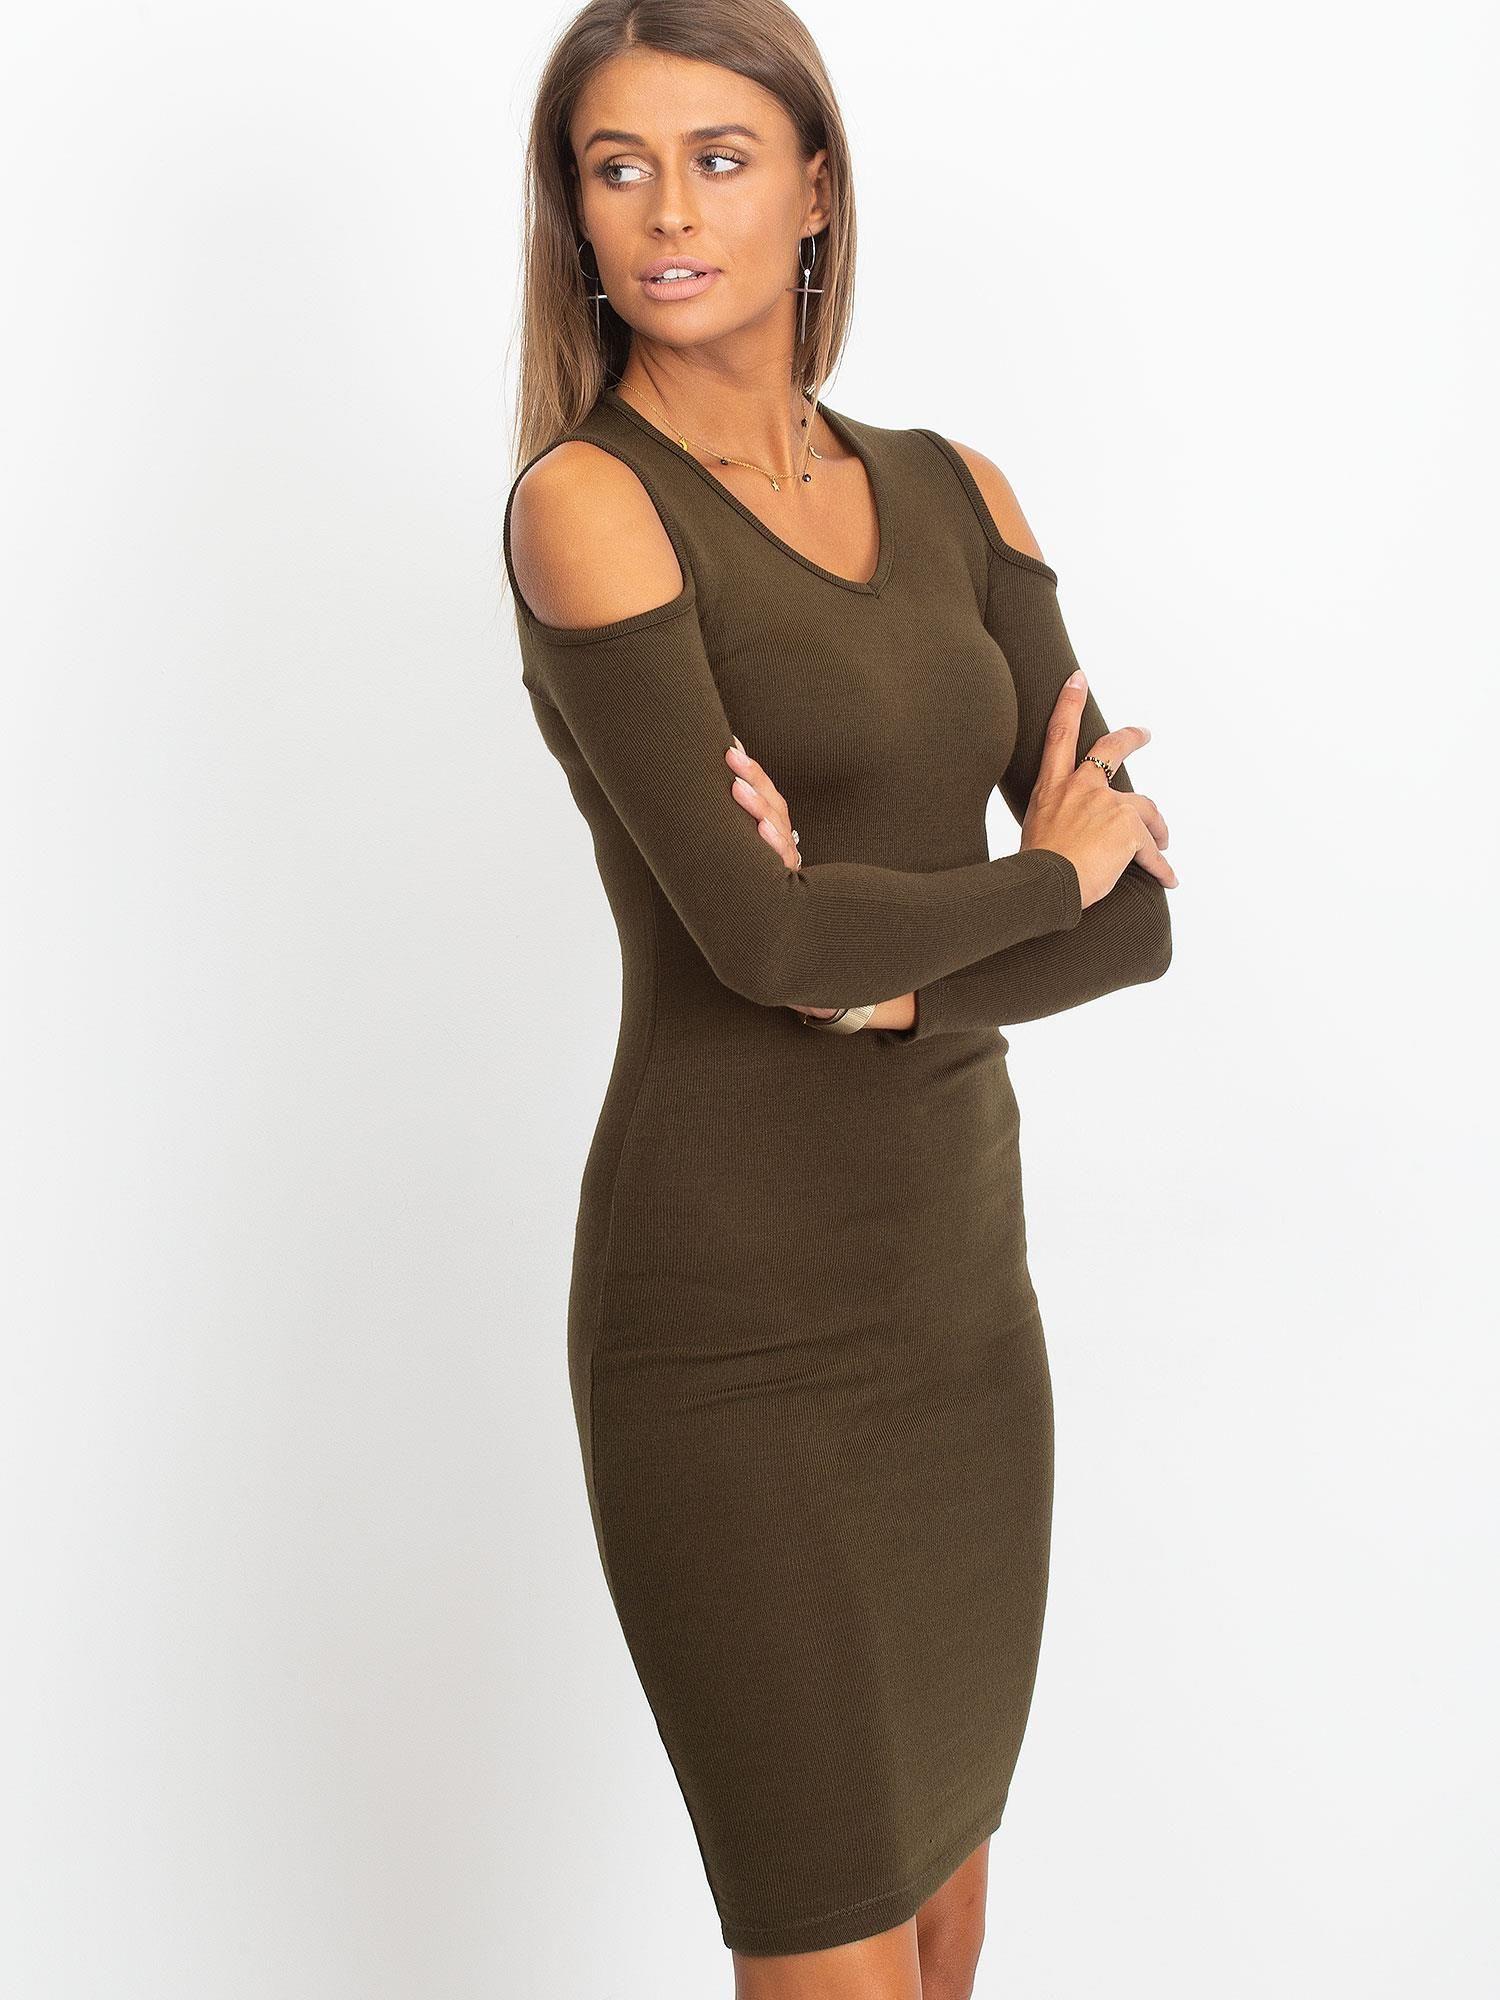 b526d15b50 Khaki sukienka z dzianiny cold arms - Sukienka dzianinowa - sklep ...